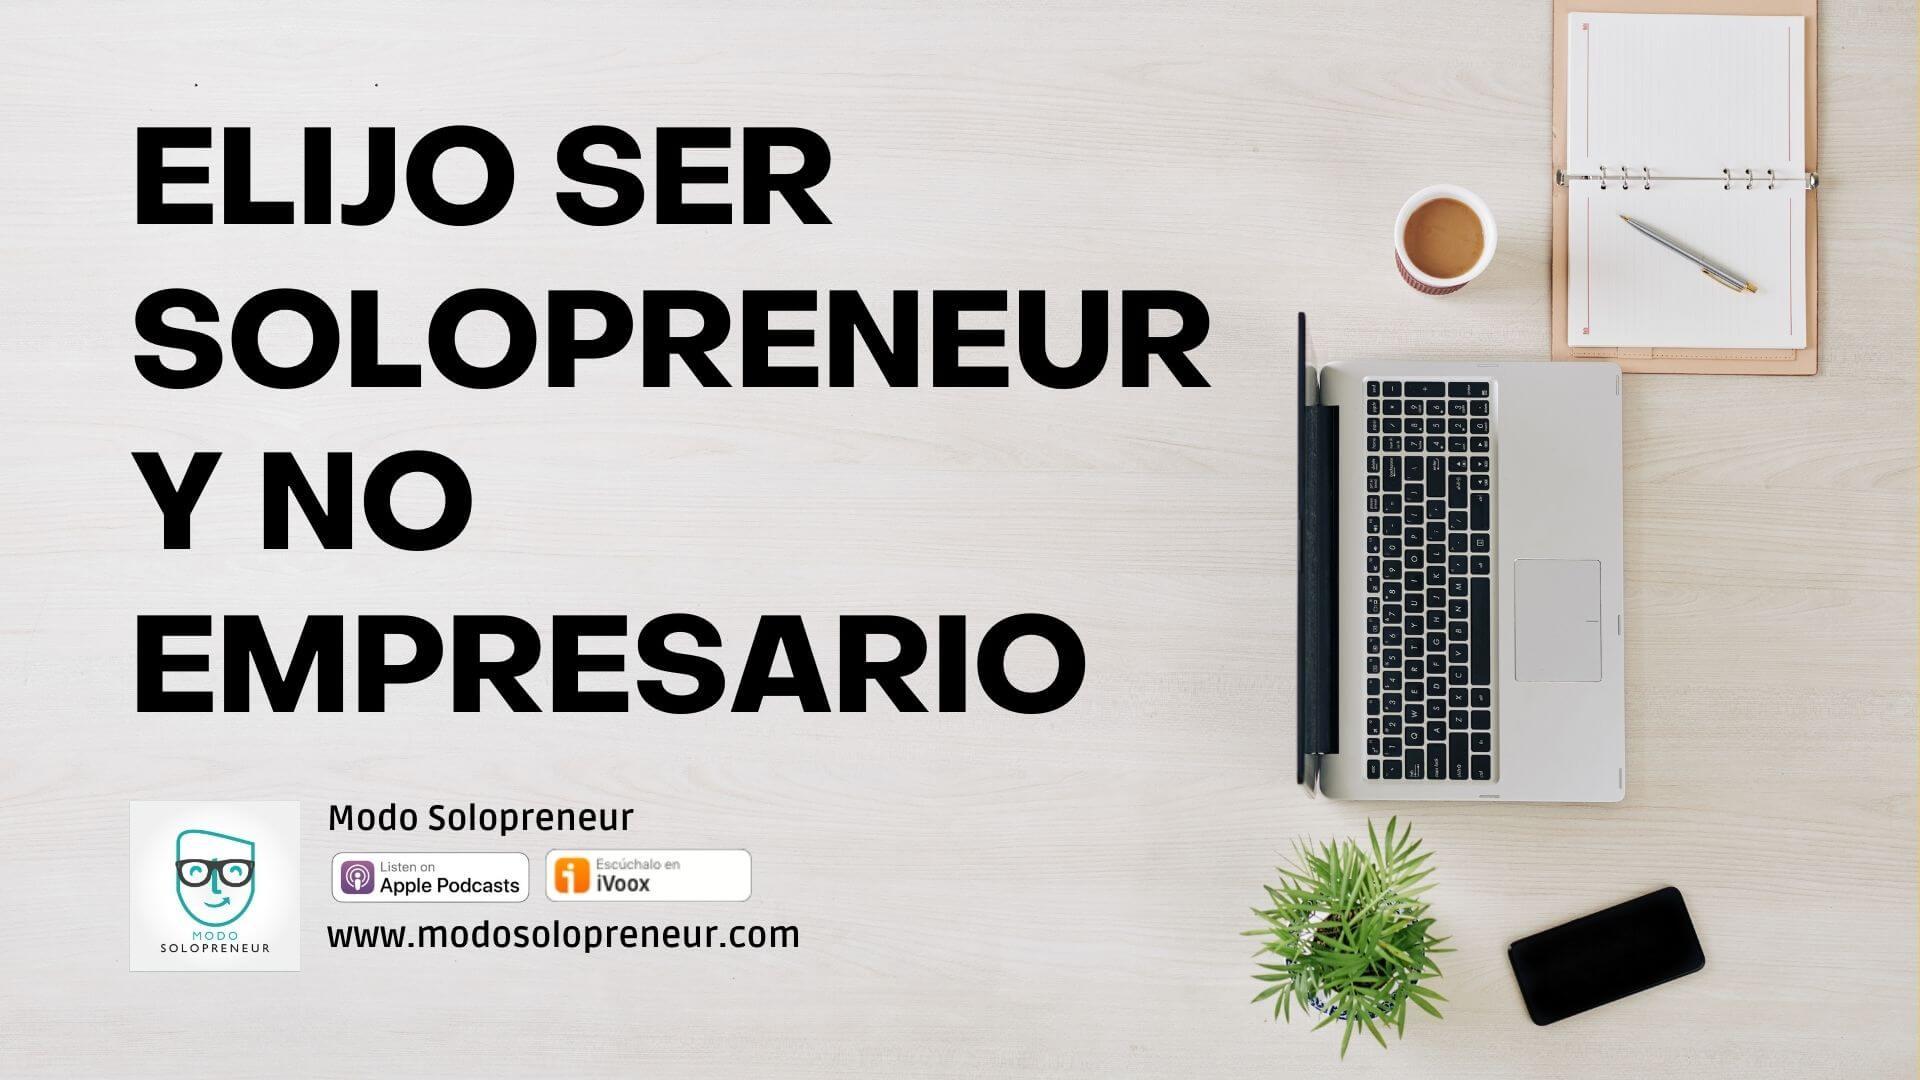 Por qué elijo ser Solopreneur y No Empresario